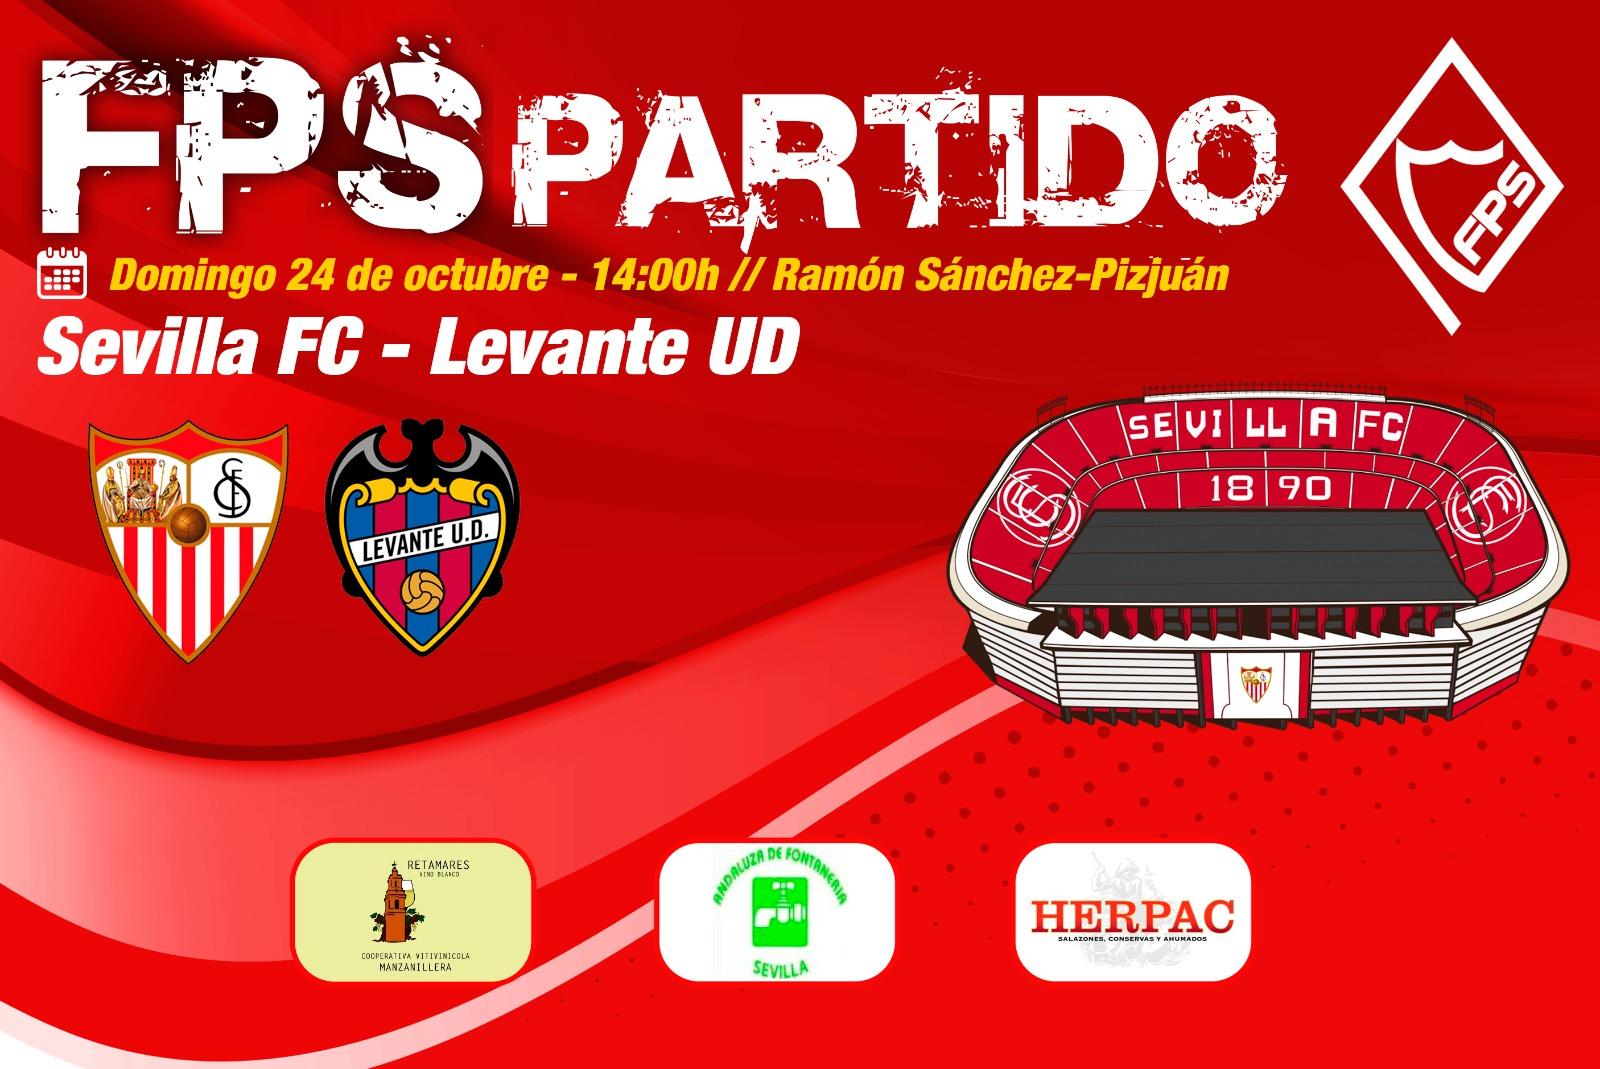 Entradas para el SevillaFC-Levante